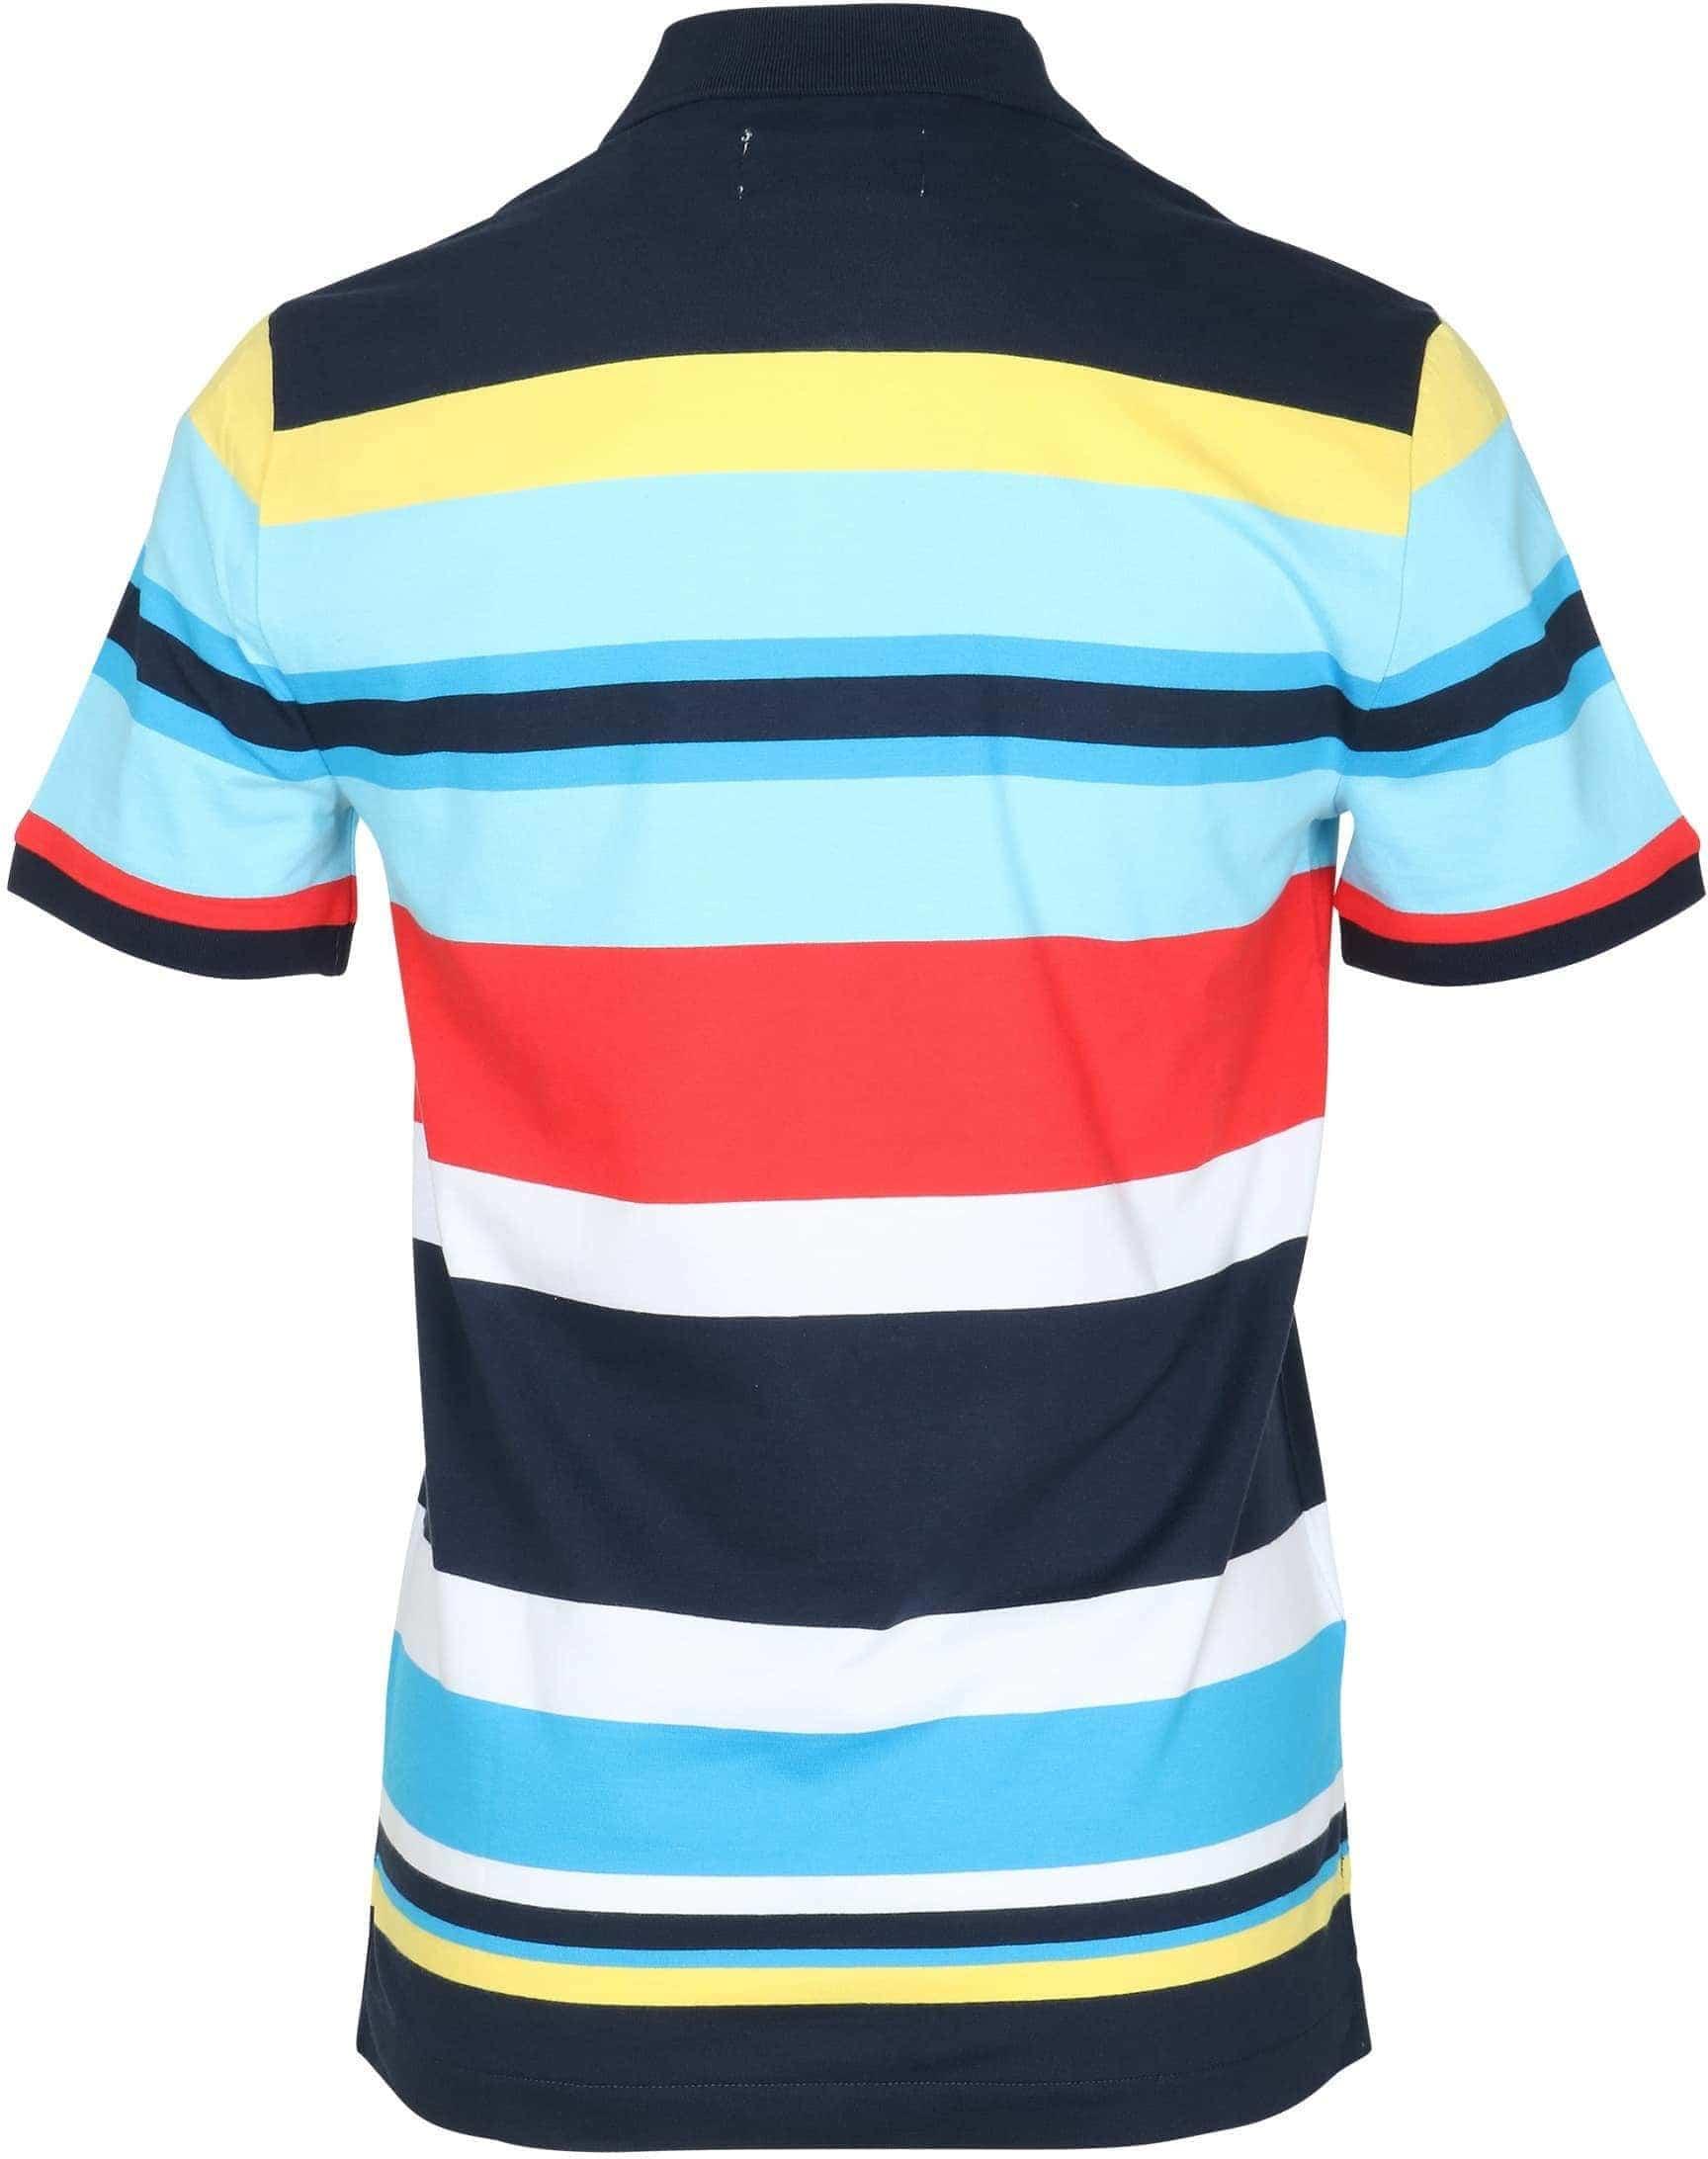 Original Penguin Poloshirt Farbe Streifen foto 2